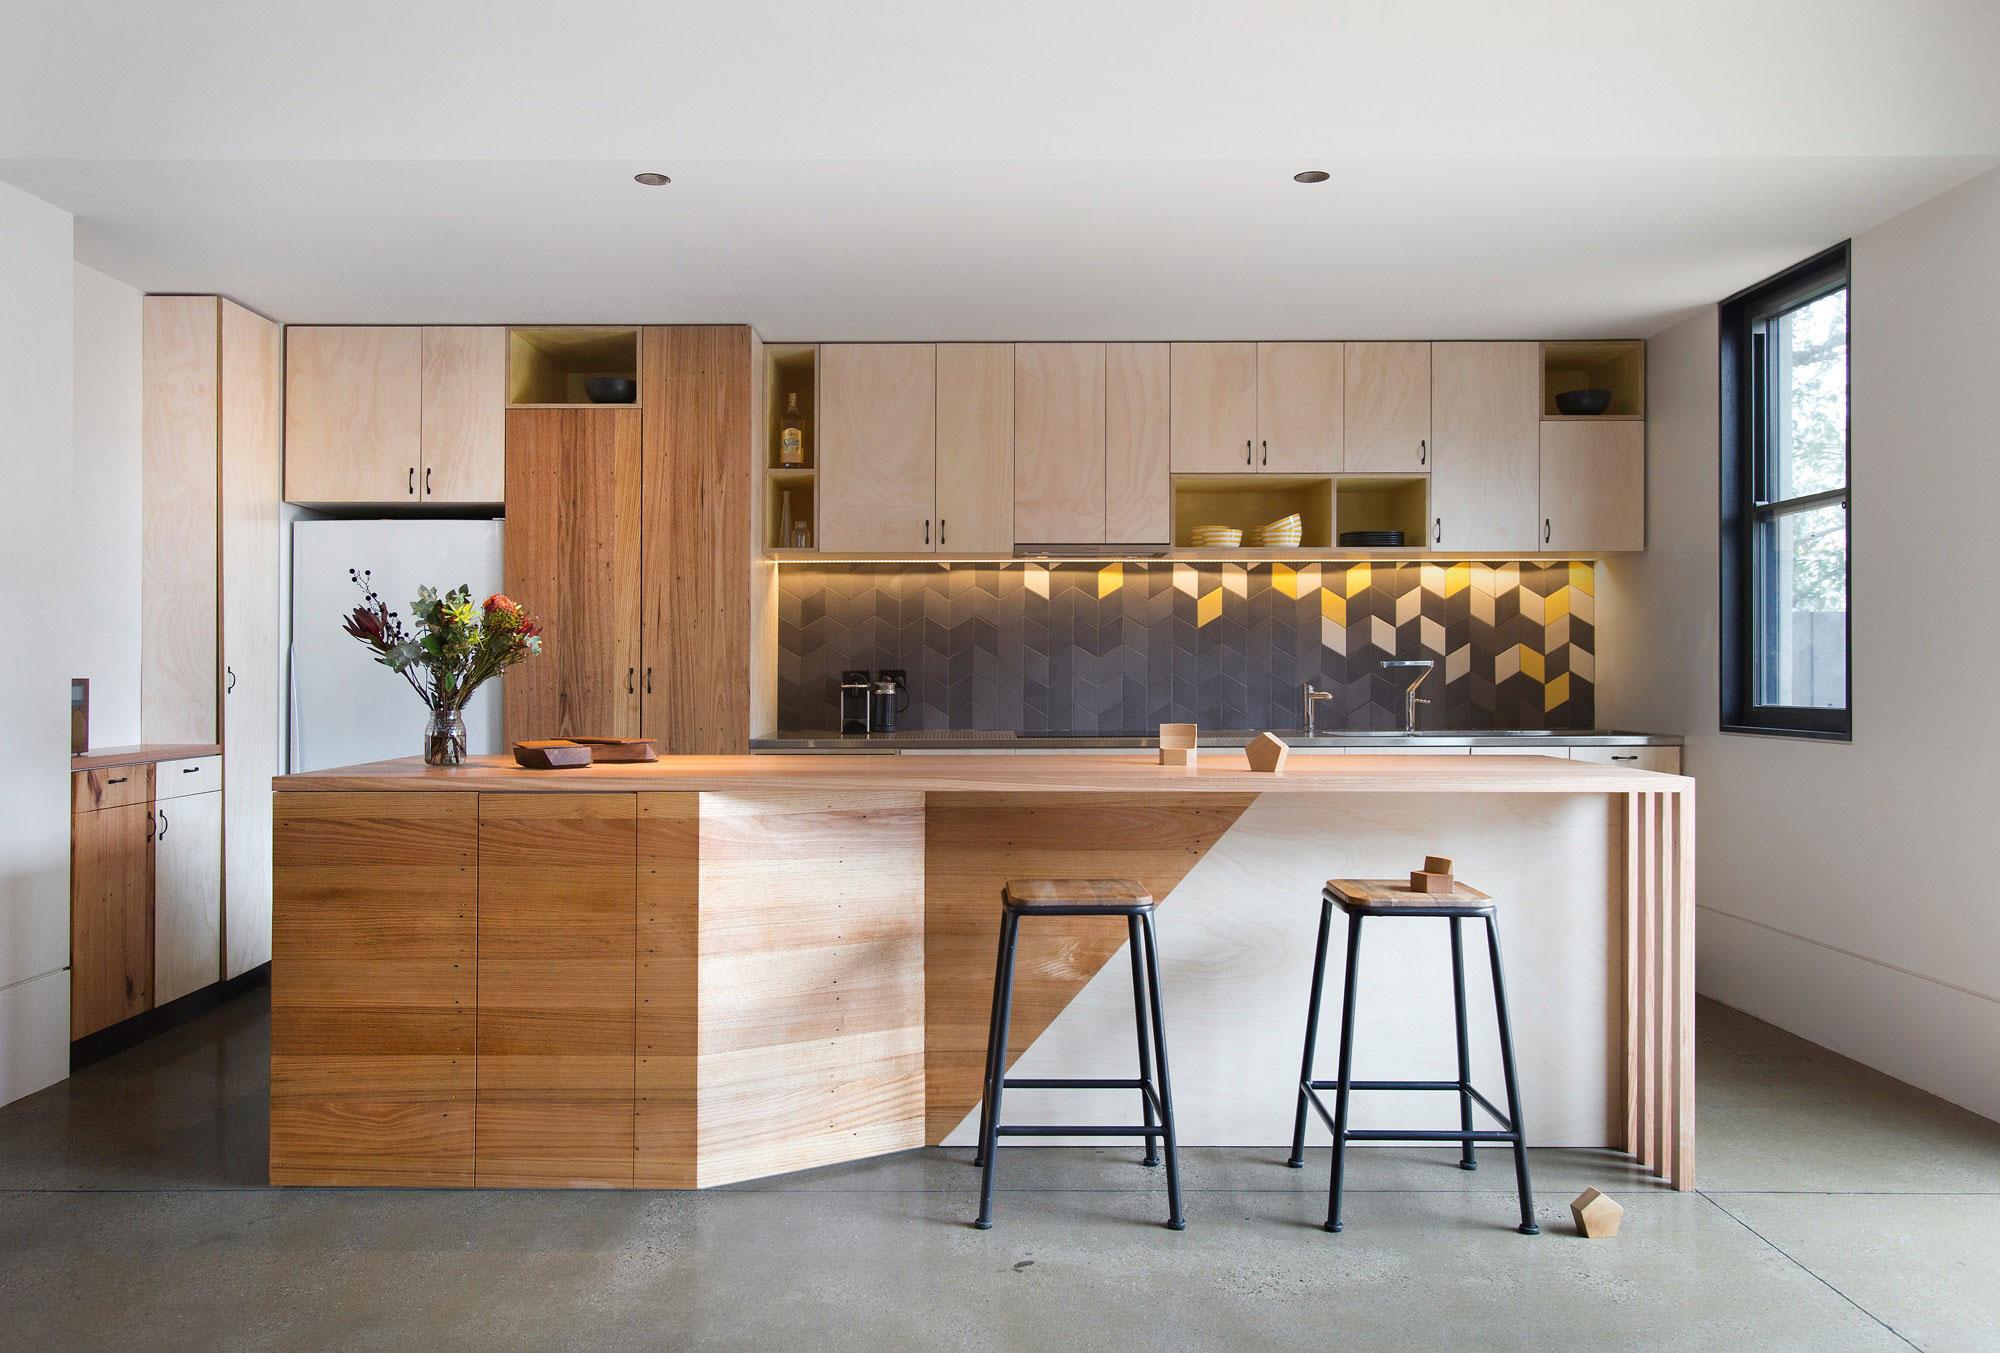 best modern kitchen design ideas modern kitchen designs 6 The Unfinished Dream